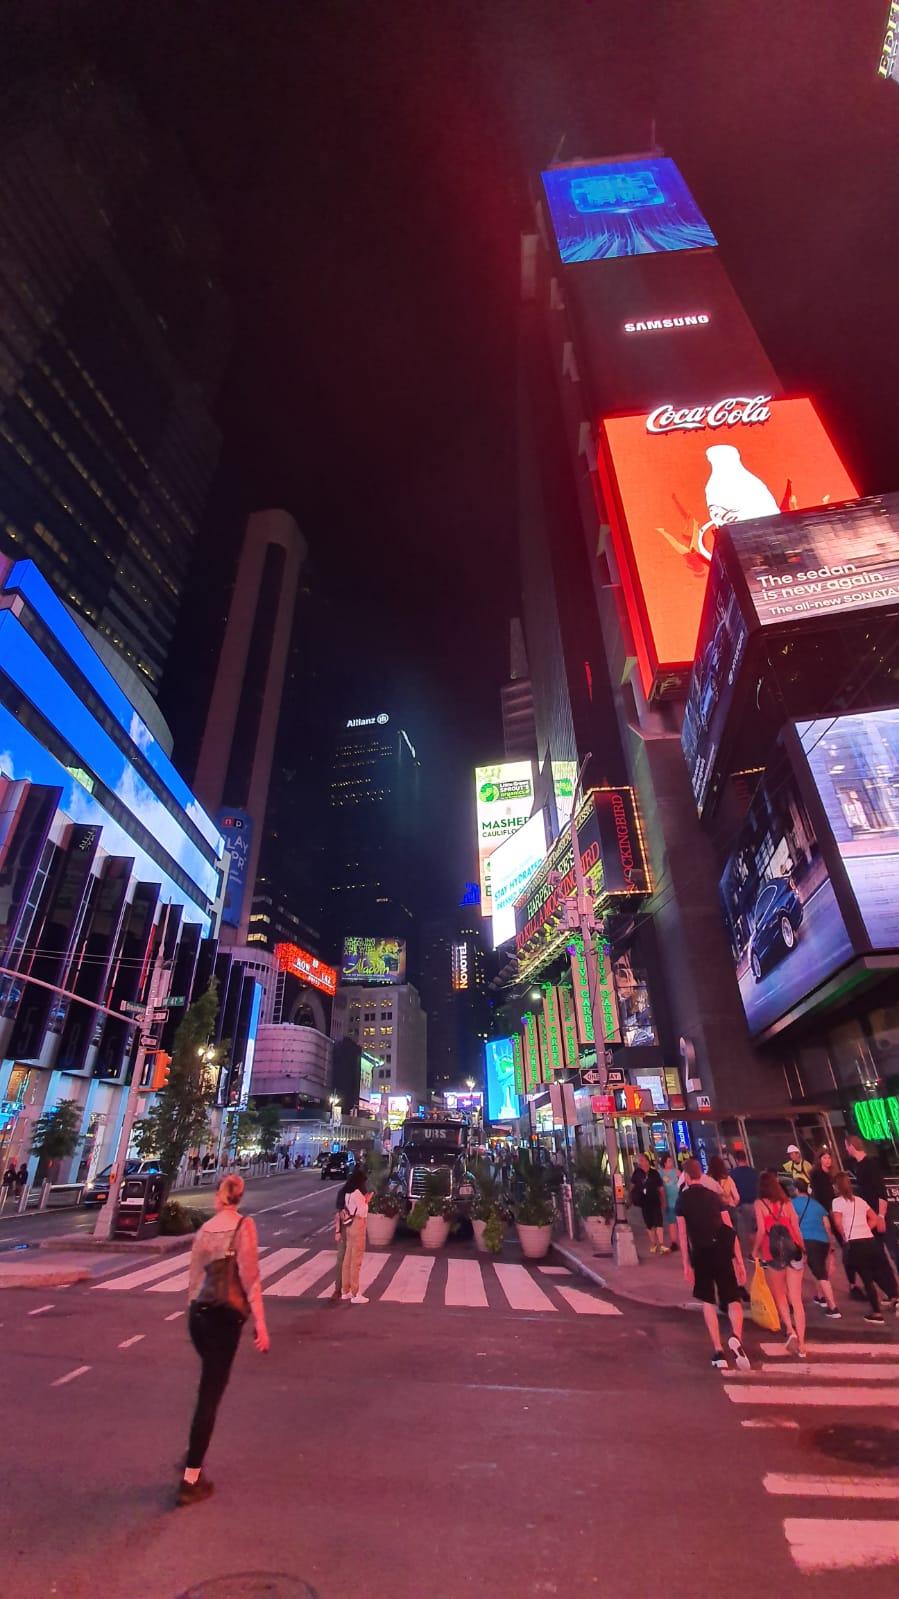 الصورة: هذه هي الطريقة التي تلتقط بها سامسونج الجديدة الصور Galaxy Note10 +! + الصور الليلية والفيديو 23